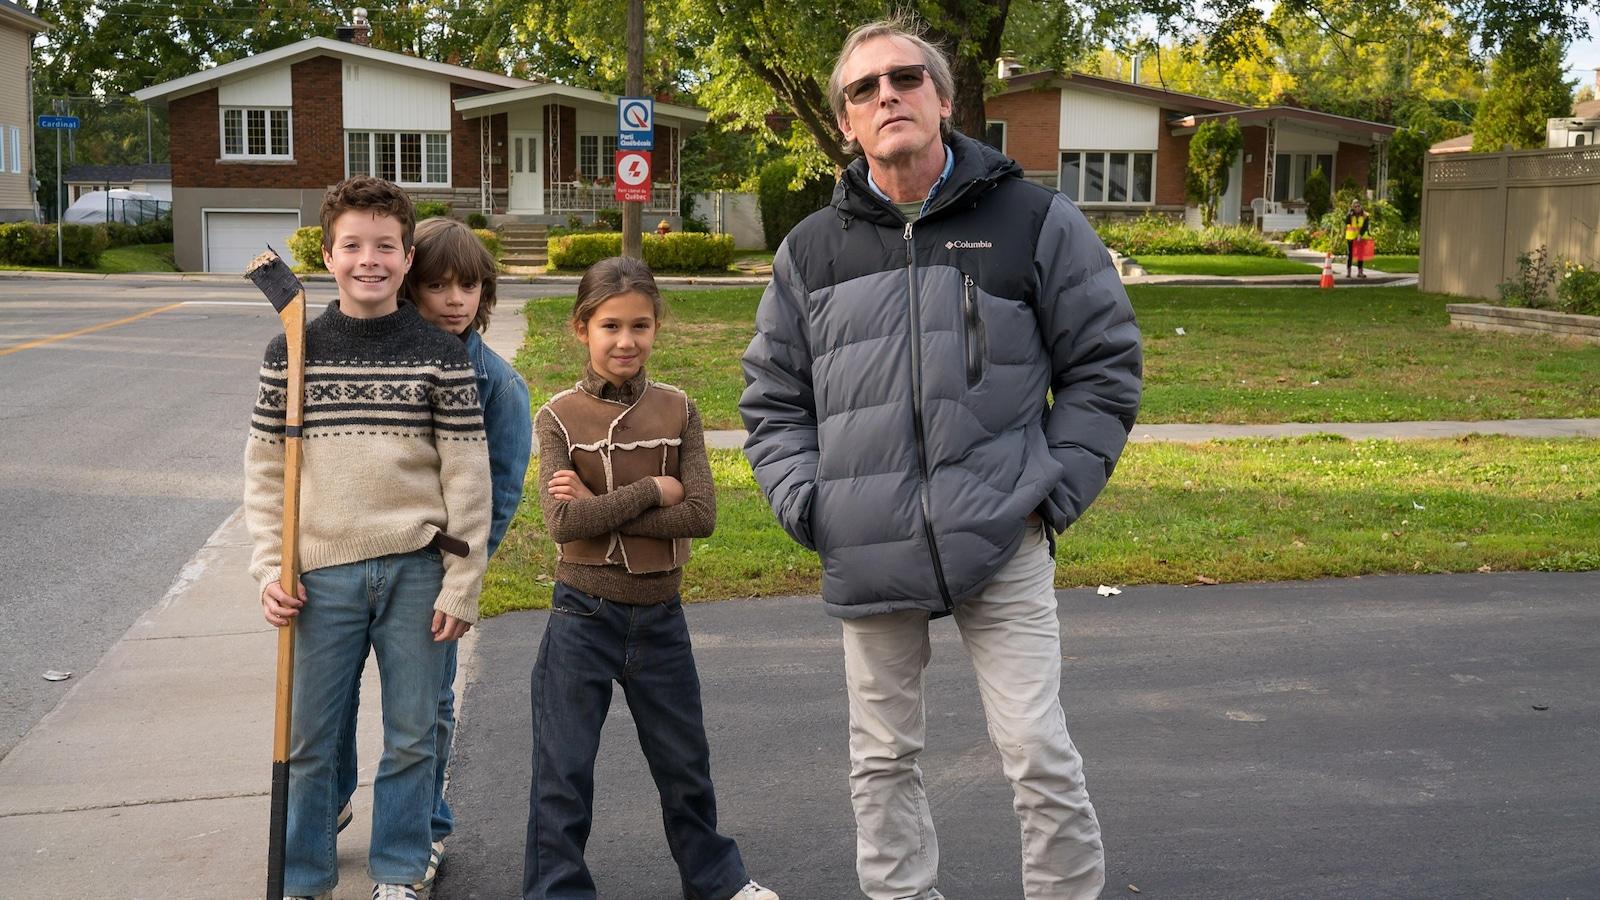 Le réalisateur Louis Bélanger à côté de trois enfants, dans une rue.